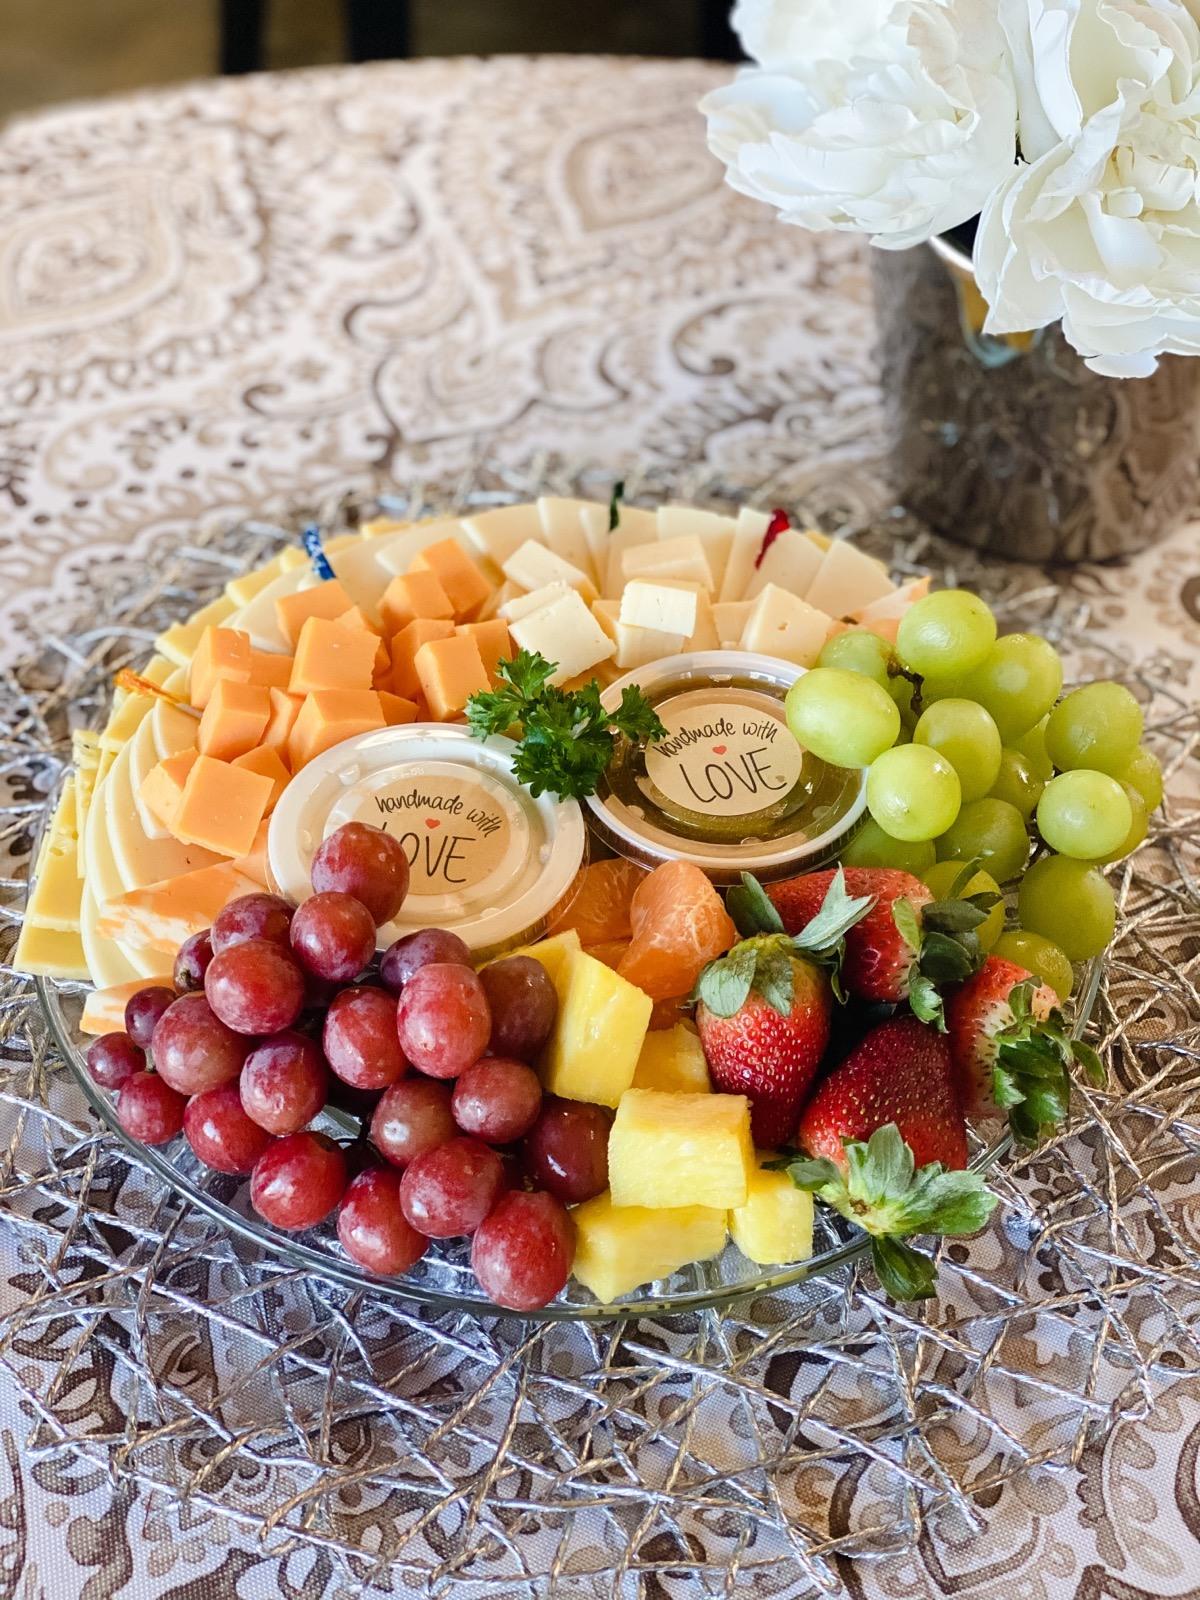 Fruit-platter.jpg?mtime=20210319190113#asset:1840